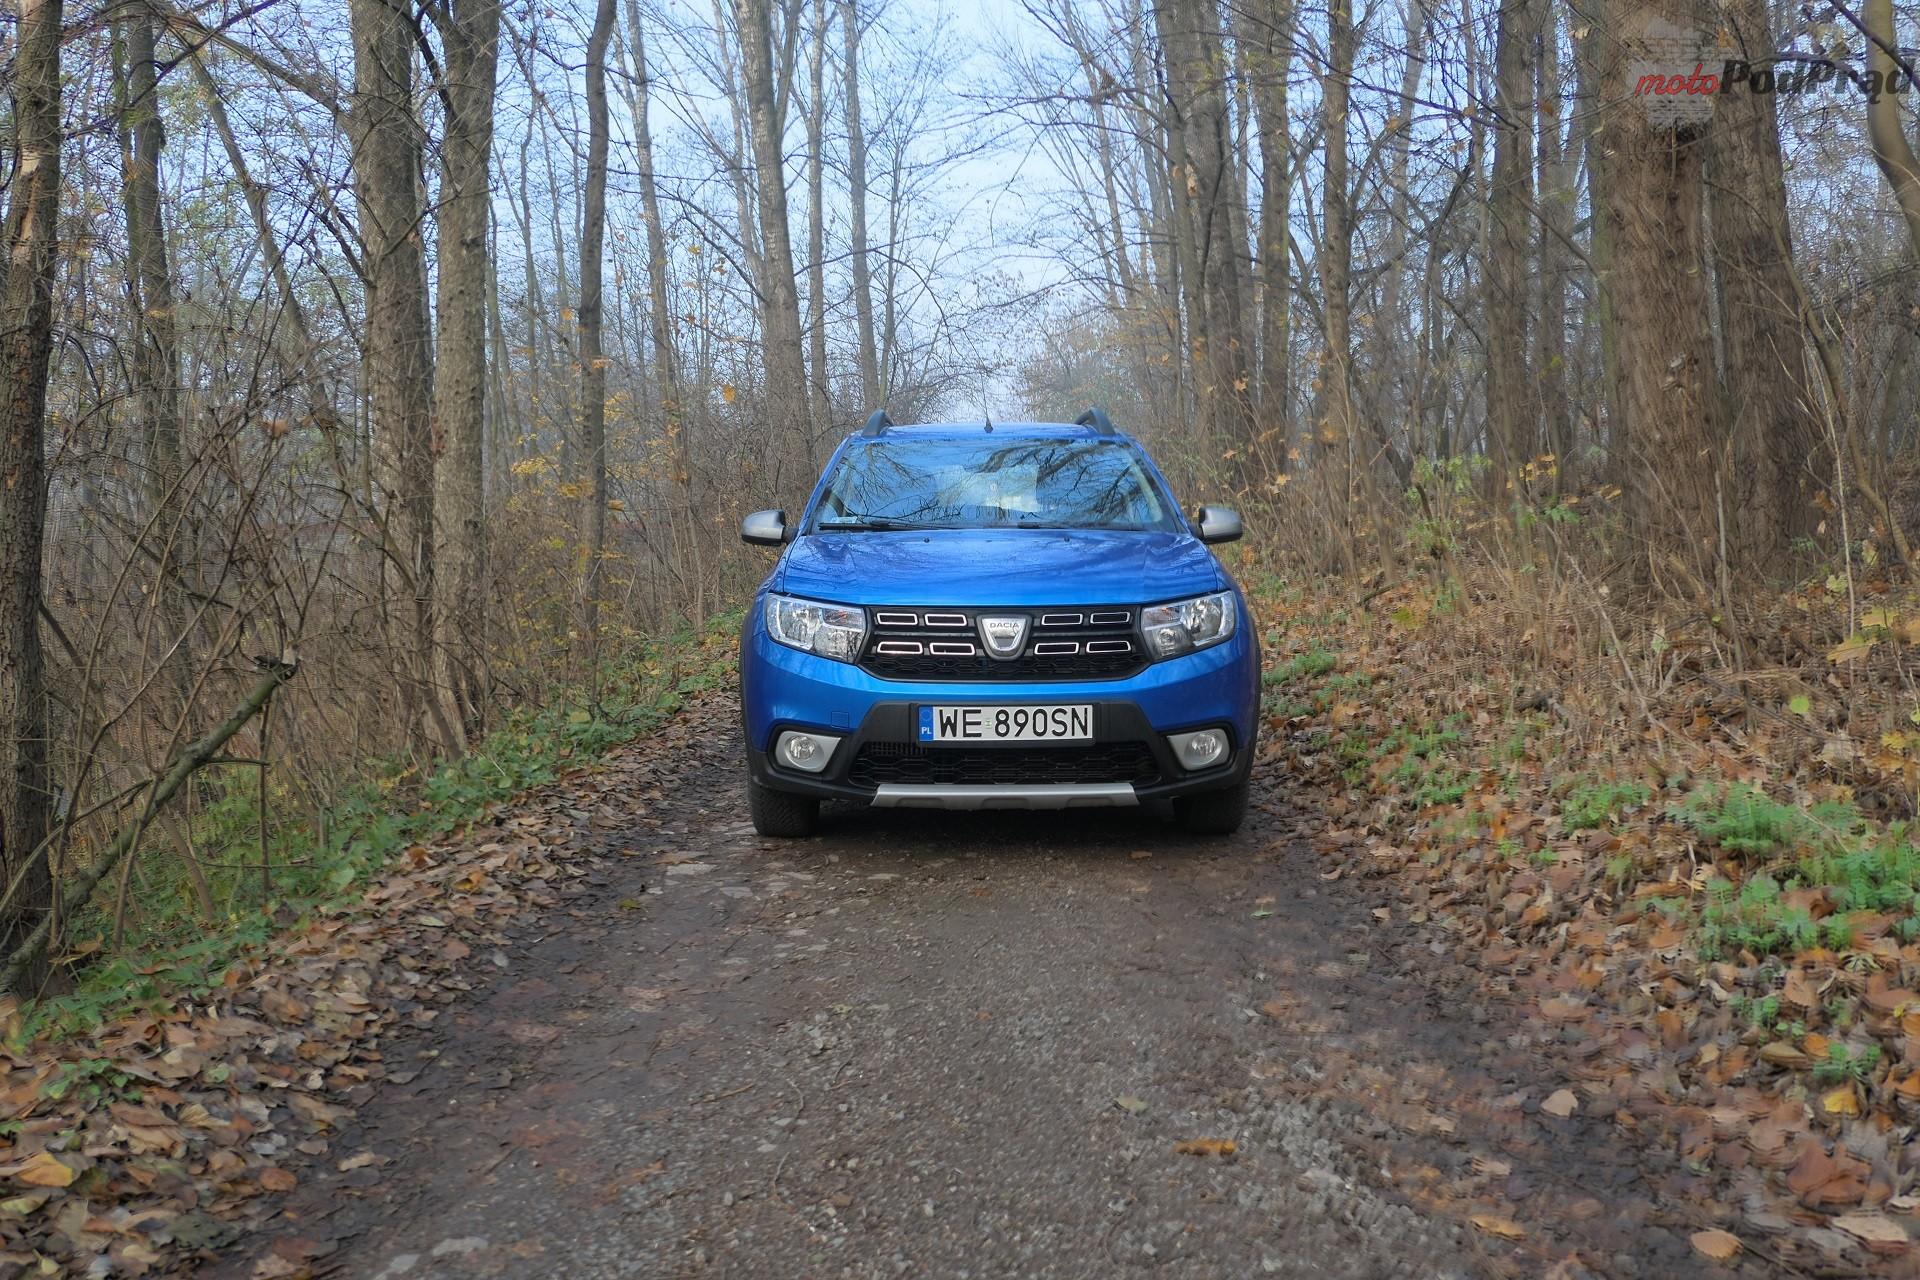 Dacia Sandero Stepway 4 Test: Dacia Sandero Stepway   w prostocie siła